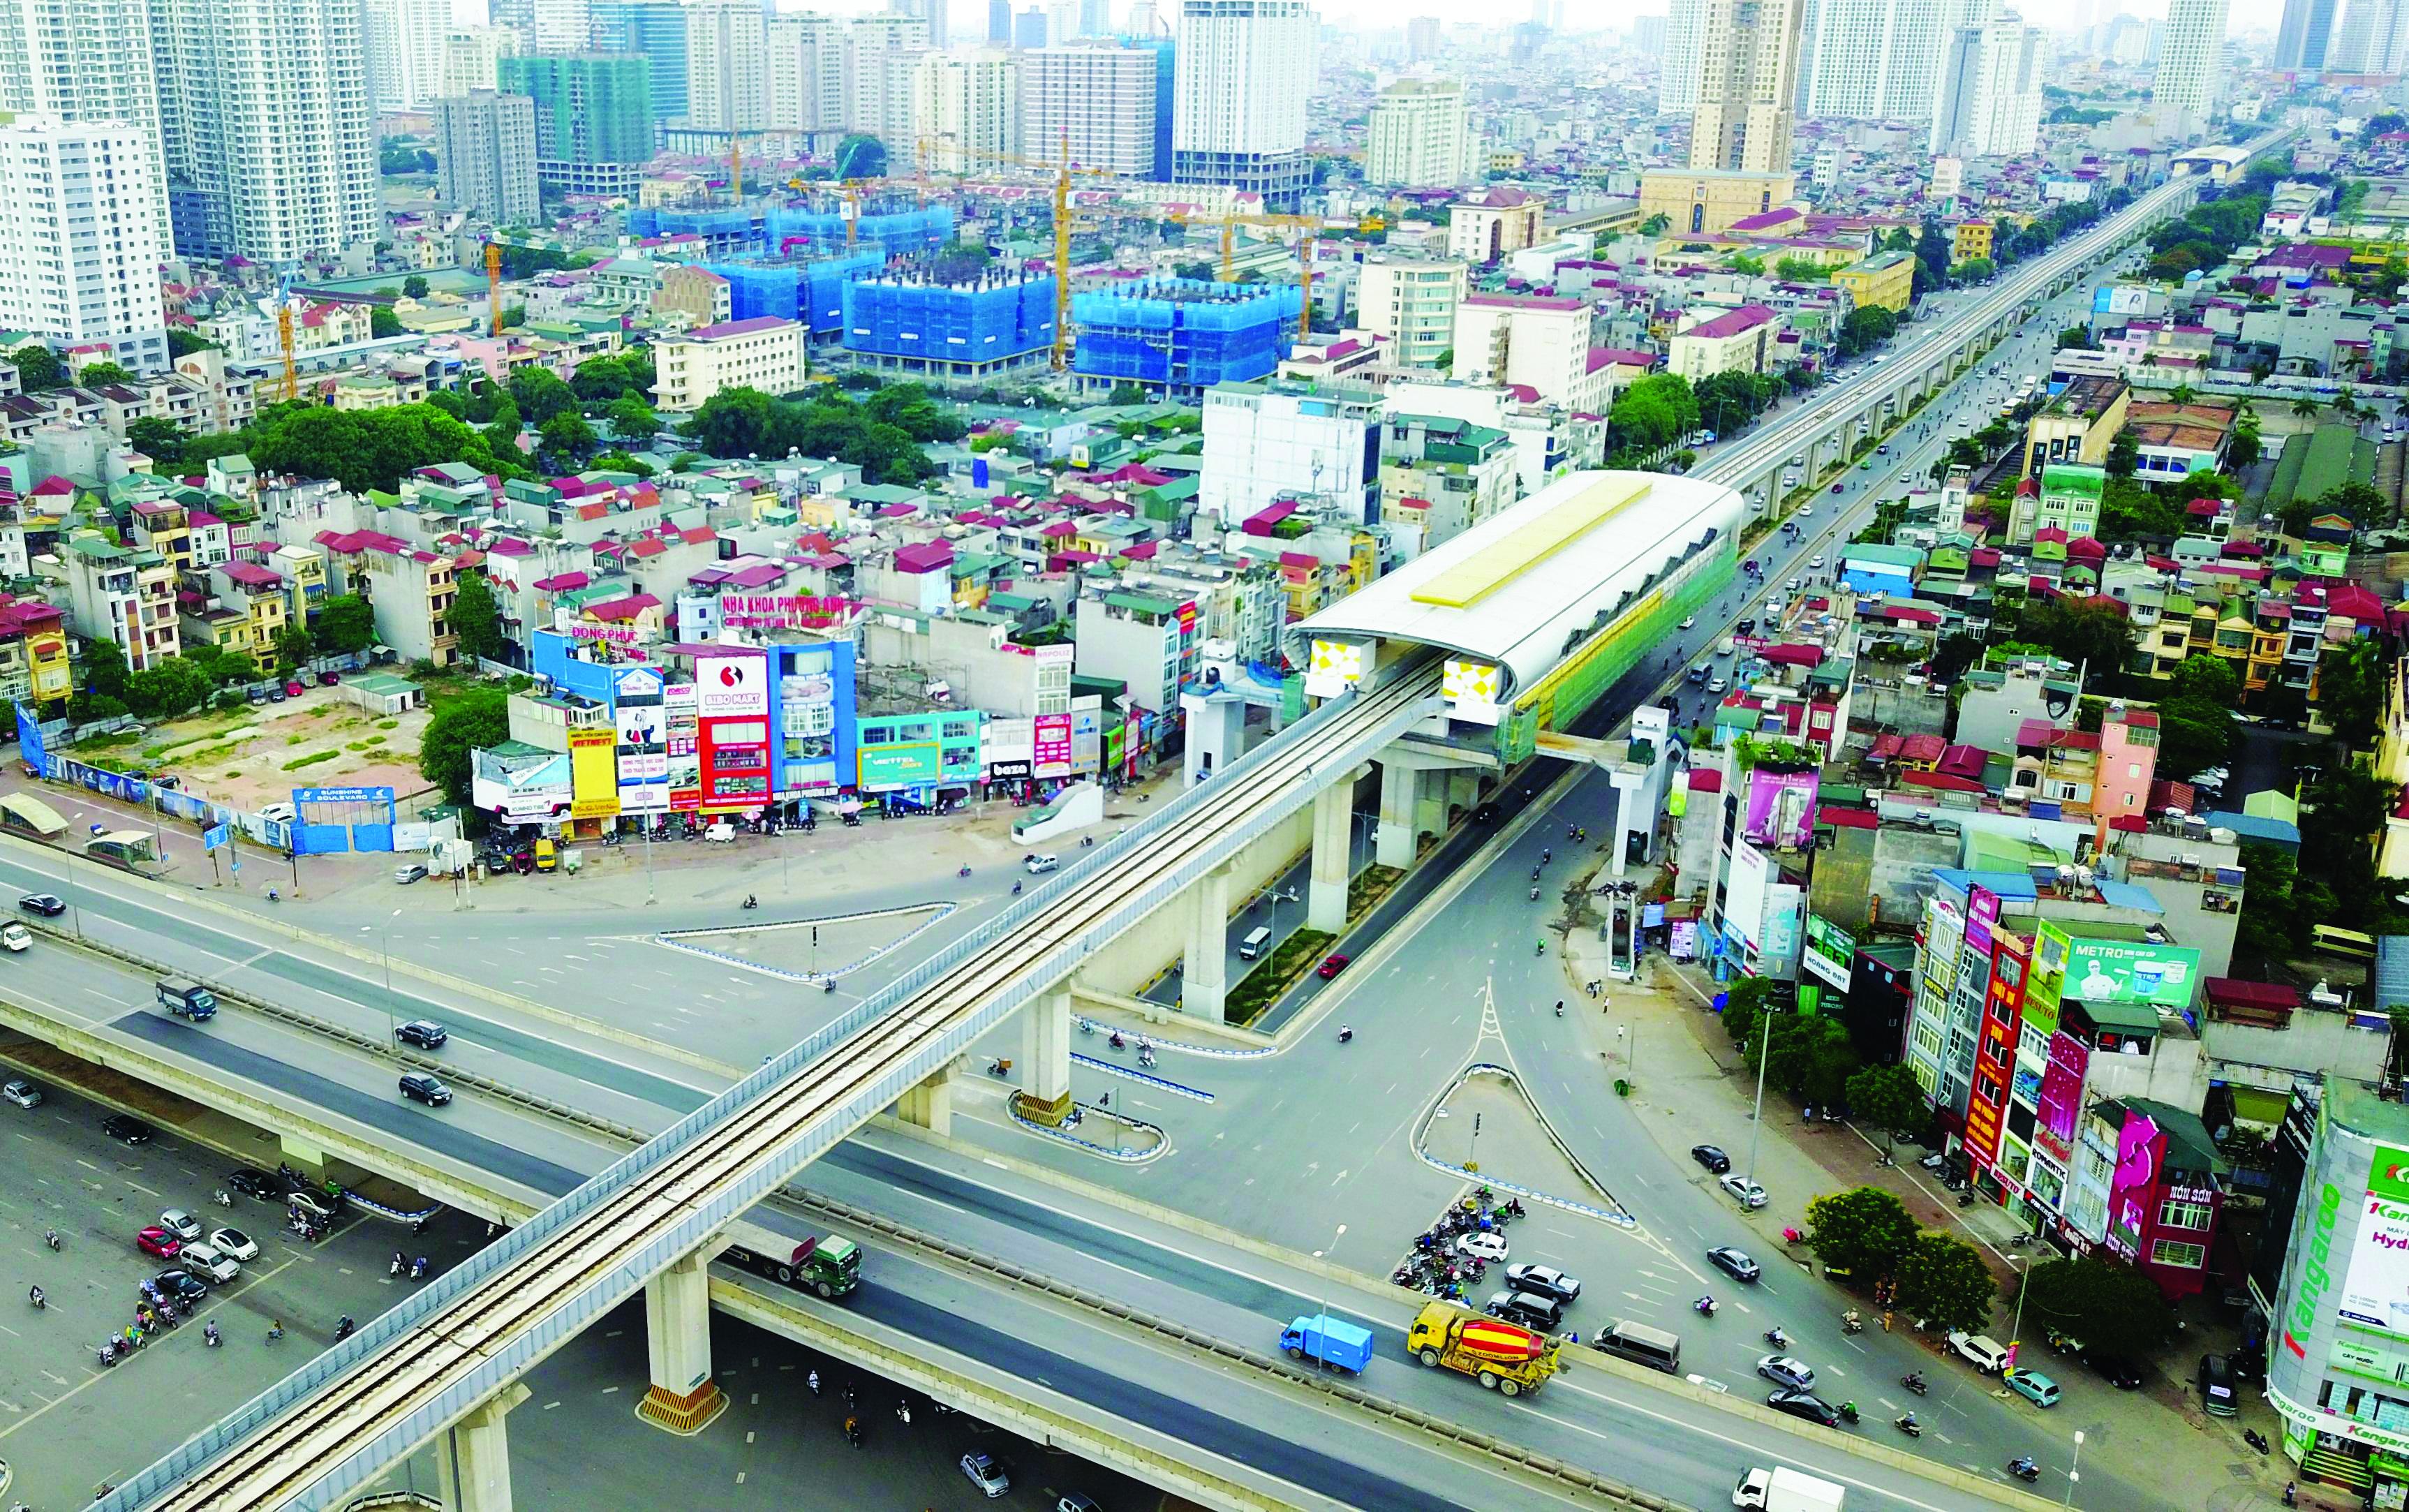 Tuyến đường sắt đô thị  Cát Linh - Hà Đông TP Hà Nội trong quá trình vận hành chạy thử